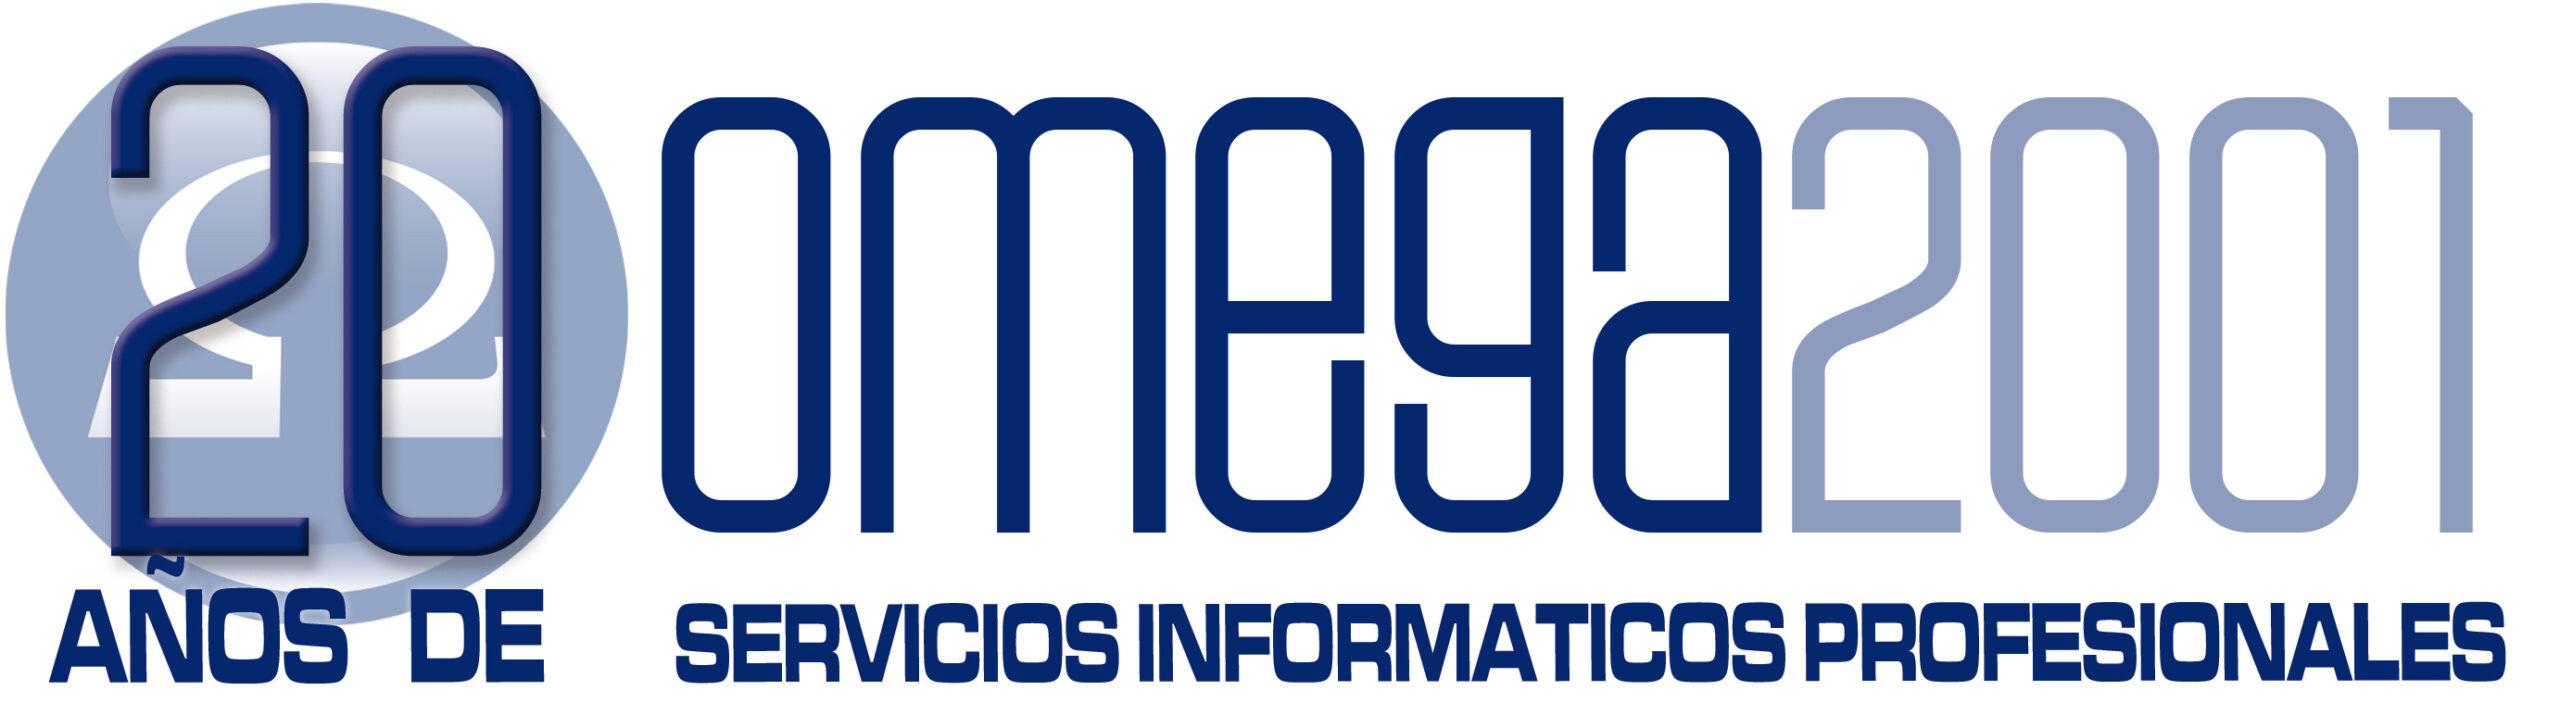 Omega2001 Servicios Informáticos